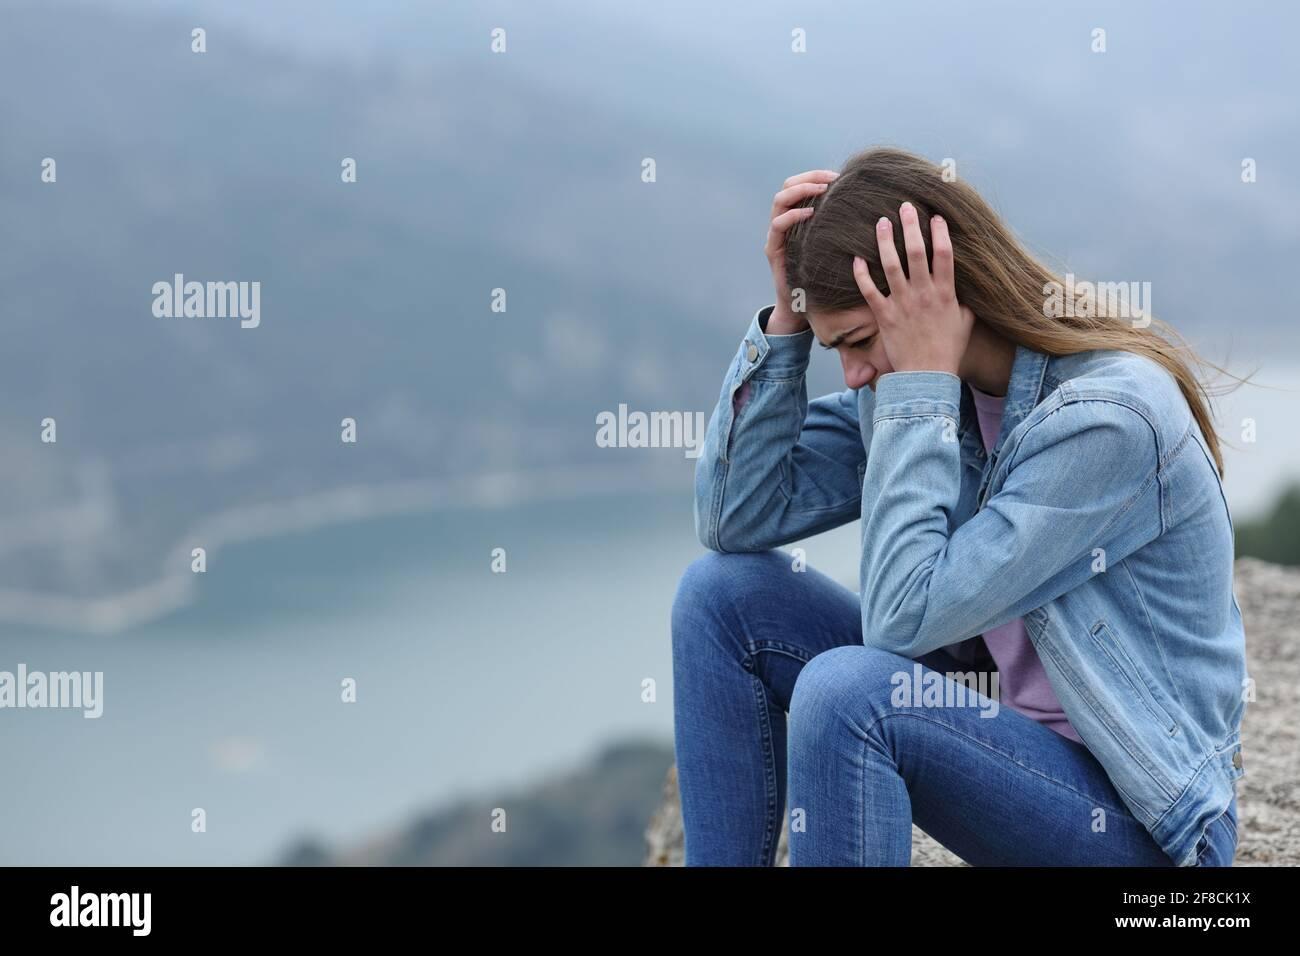 Triste adolescente quejándose sentado solo en un acantilado en el montaña Foto de stock